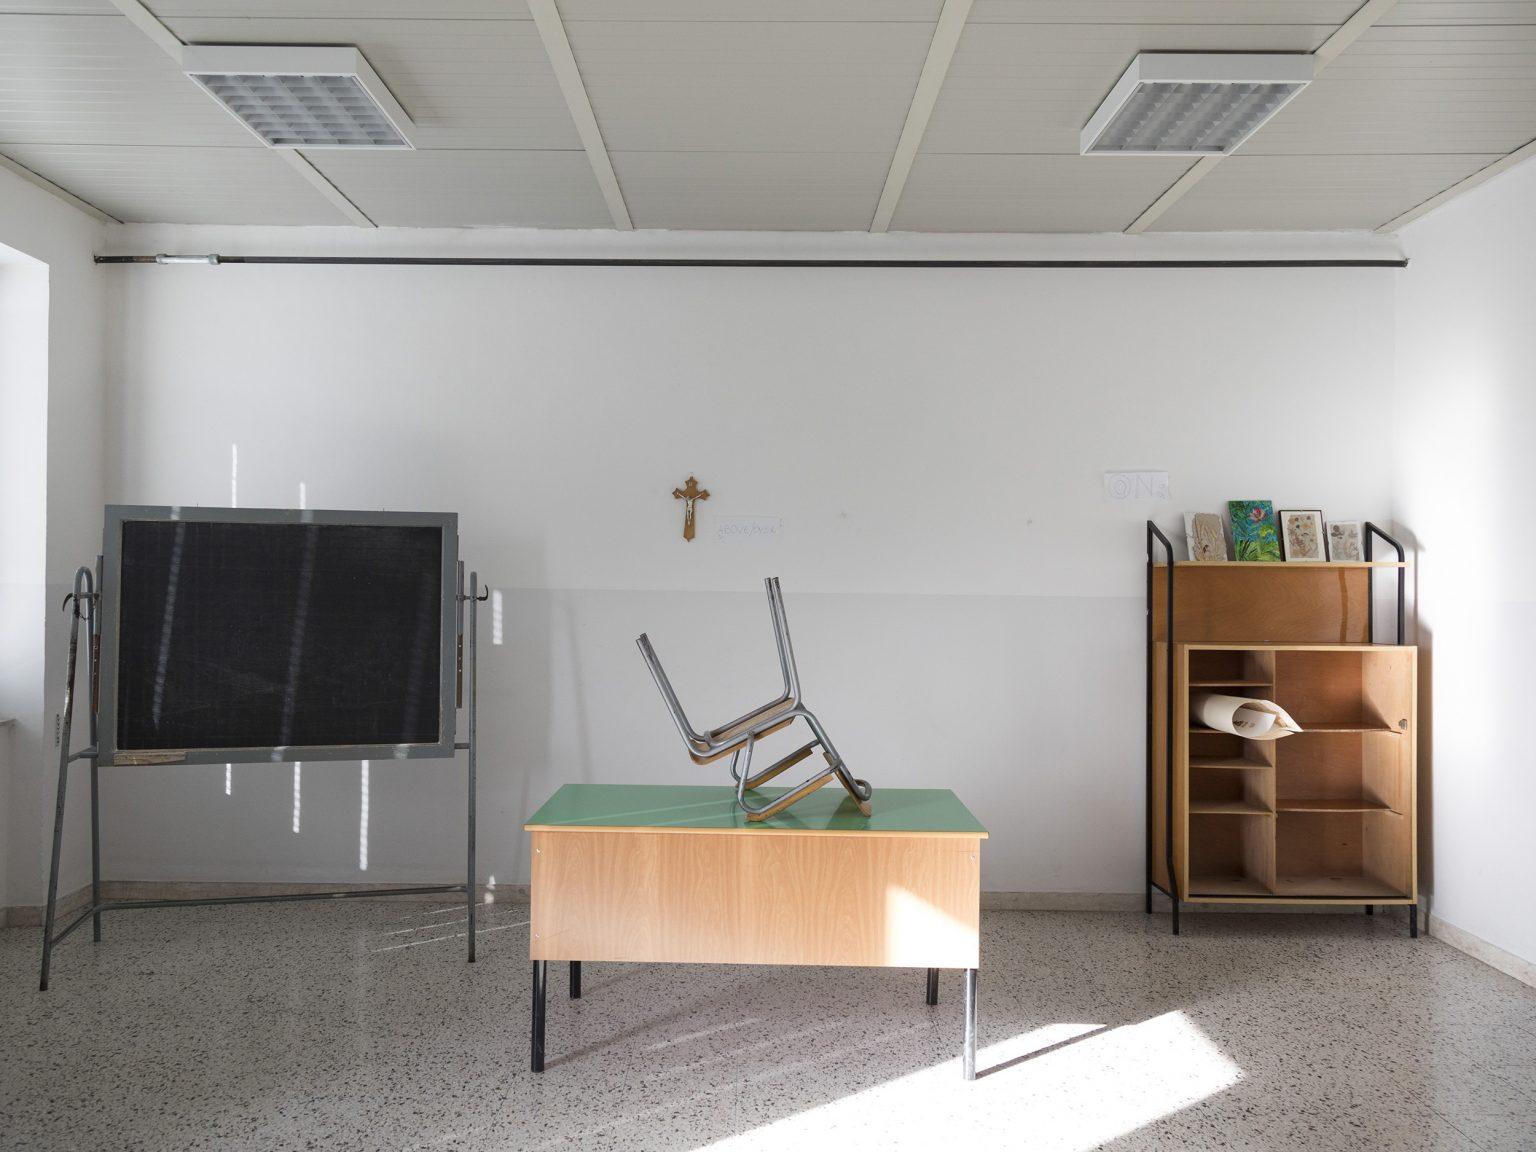 Un'aula non utilizzata nella scuola di Furci, con una sola pluriclasse.  A classroom not used in the Furci school, with only one multi-age class.